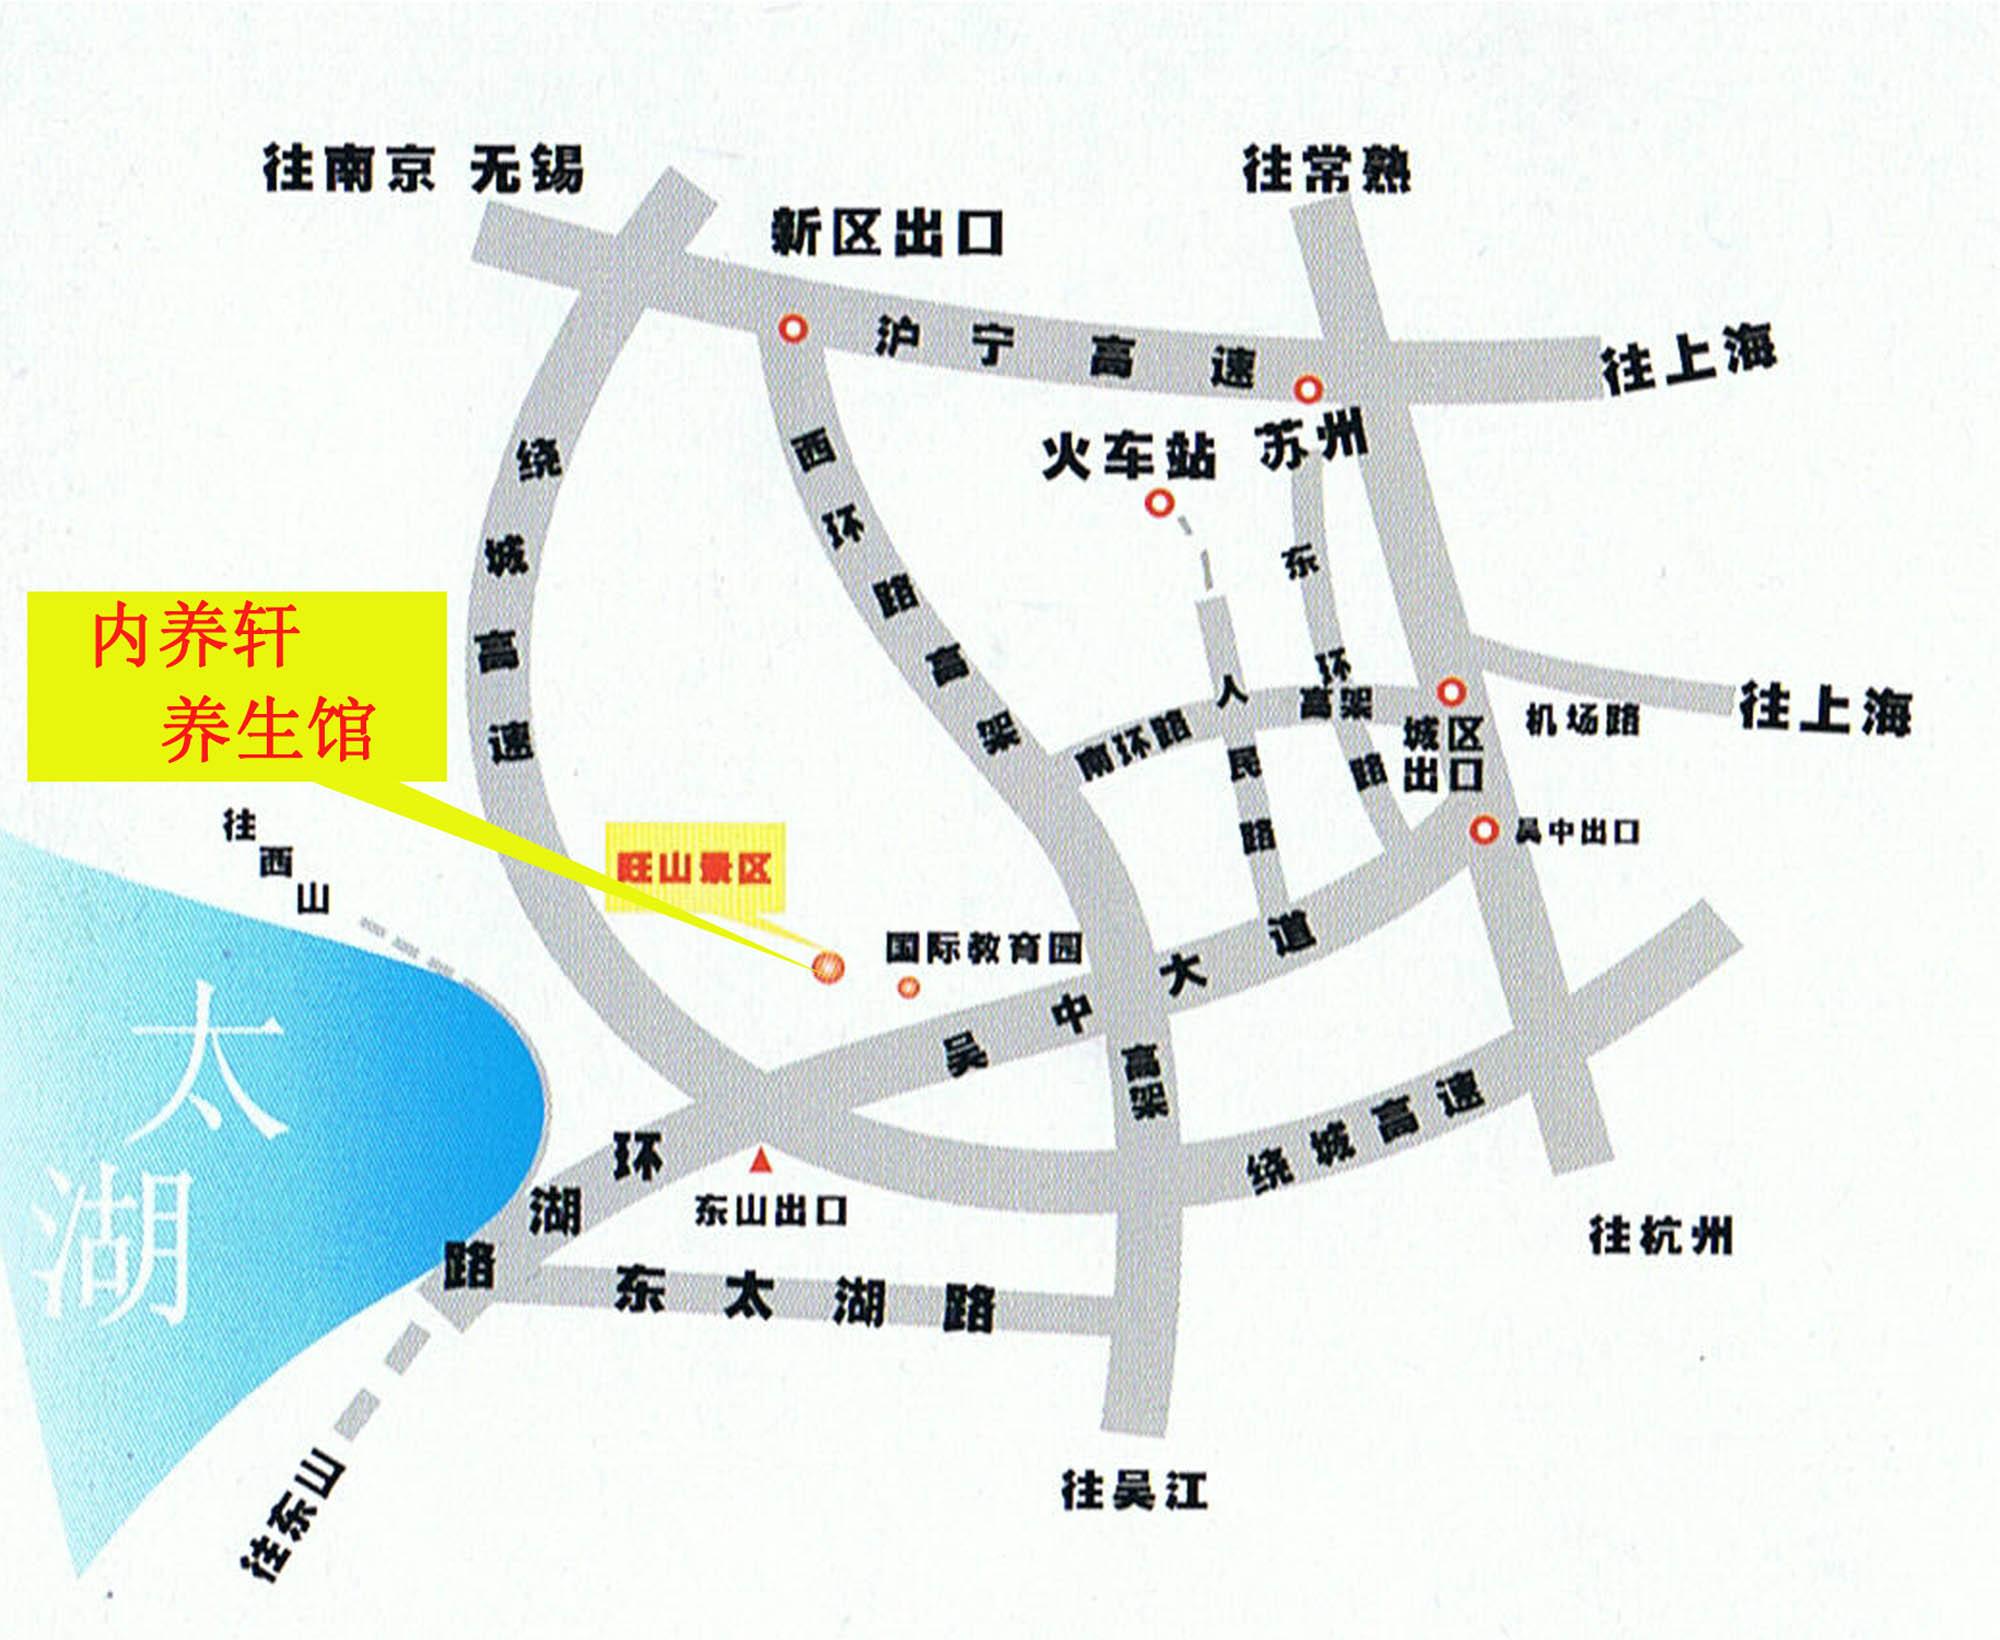 附:旺山生态园区位交通路线图